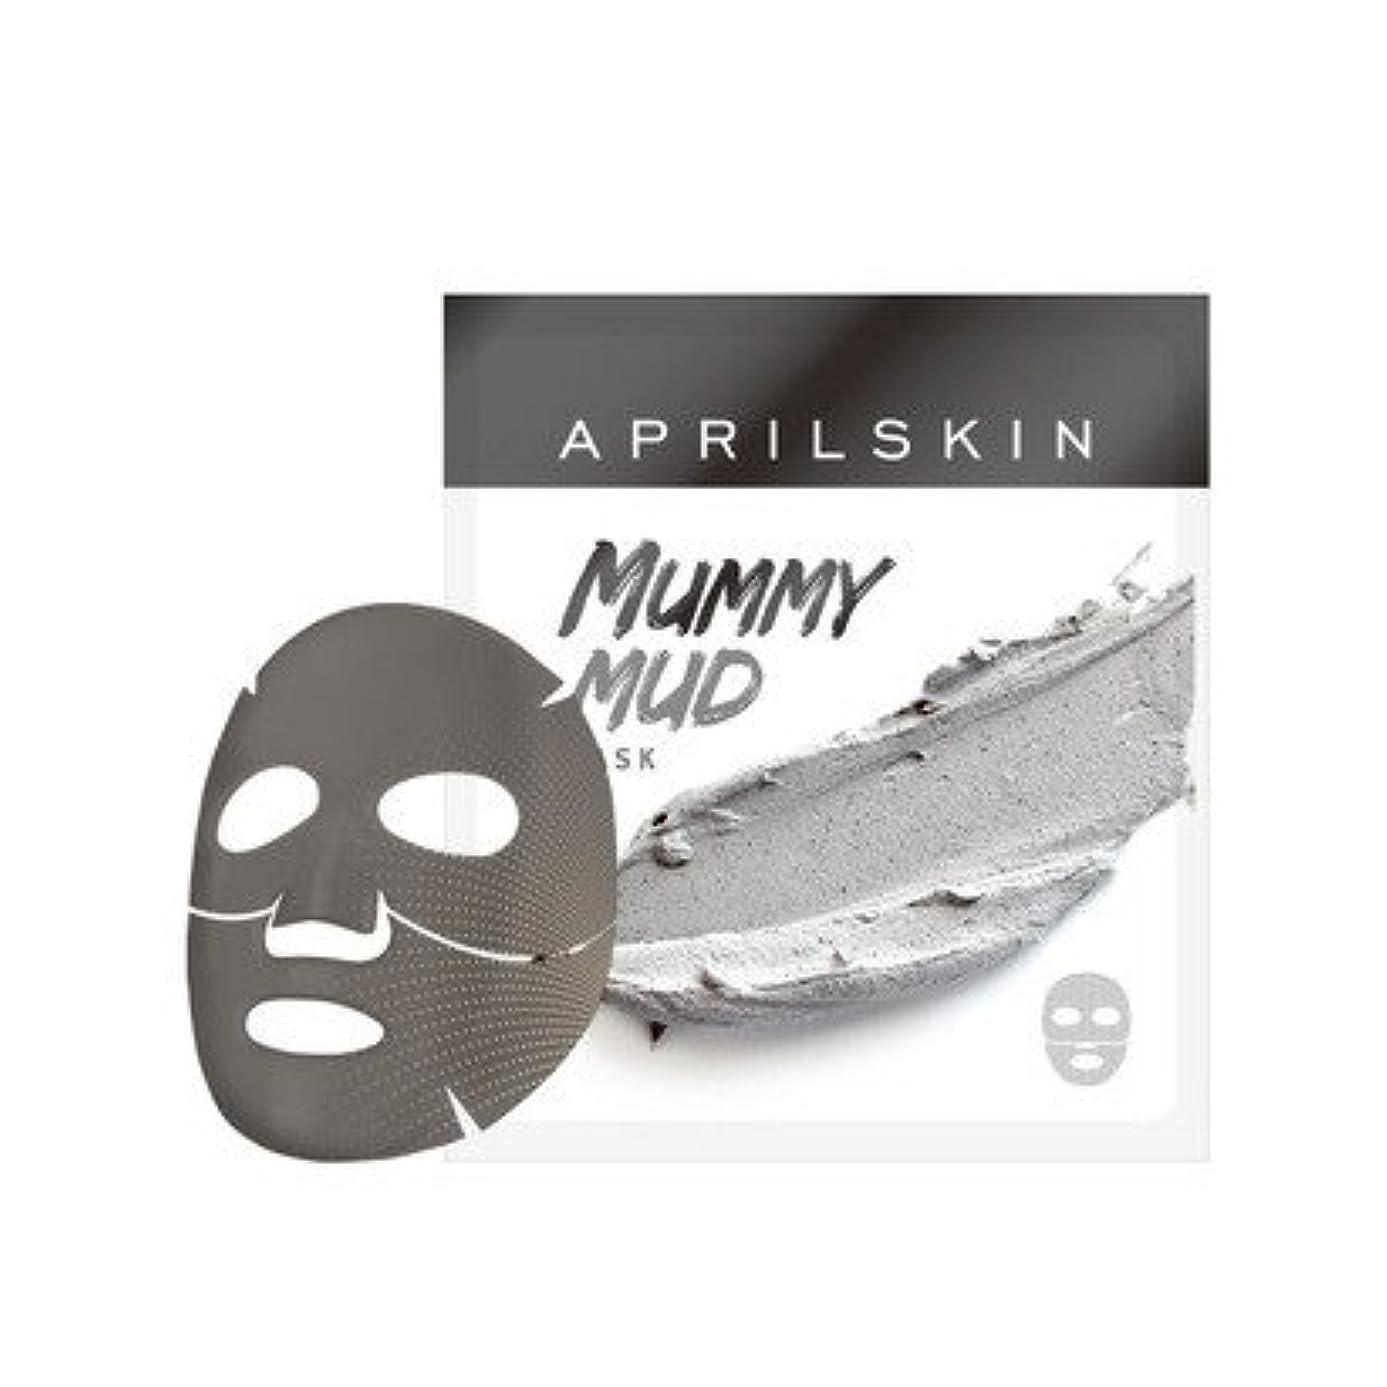 タック実り多い過去APRILSKIN MUMMY MUD MASK/エイプリルスキン ミイラ泥マスク 1枚 [並行輸入品]